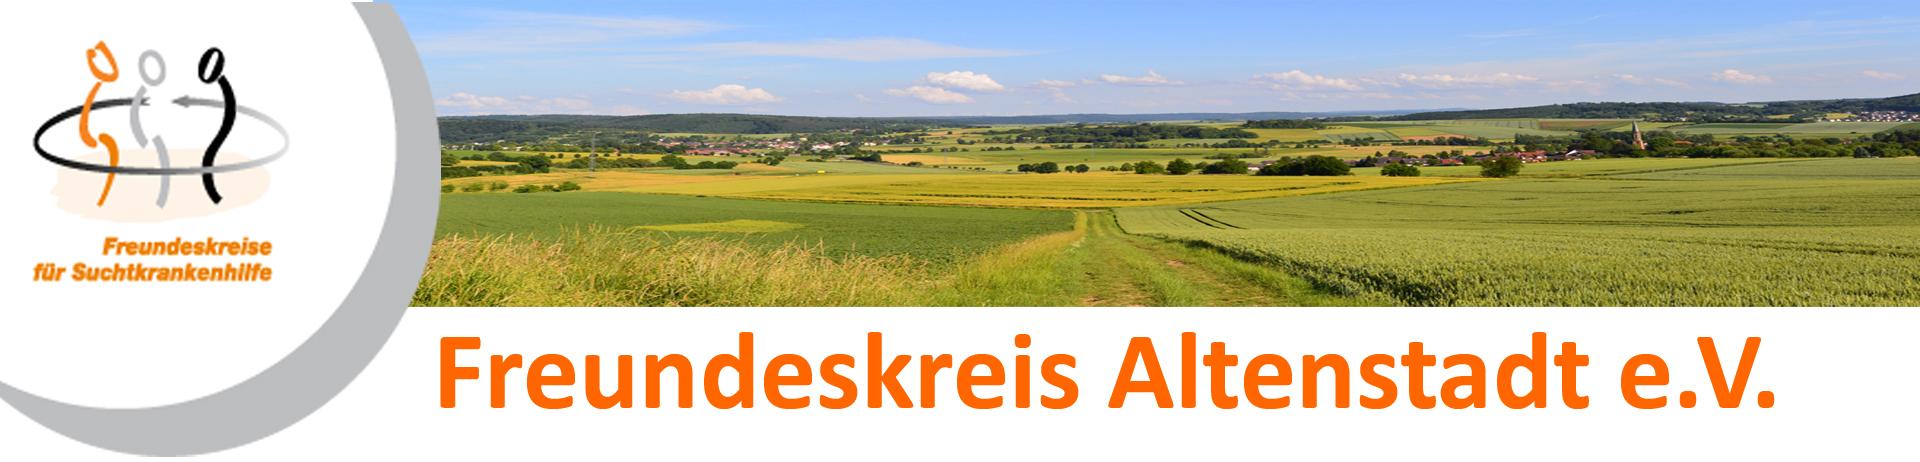 Freundeskreis-Altenstadt